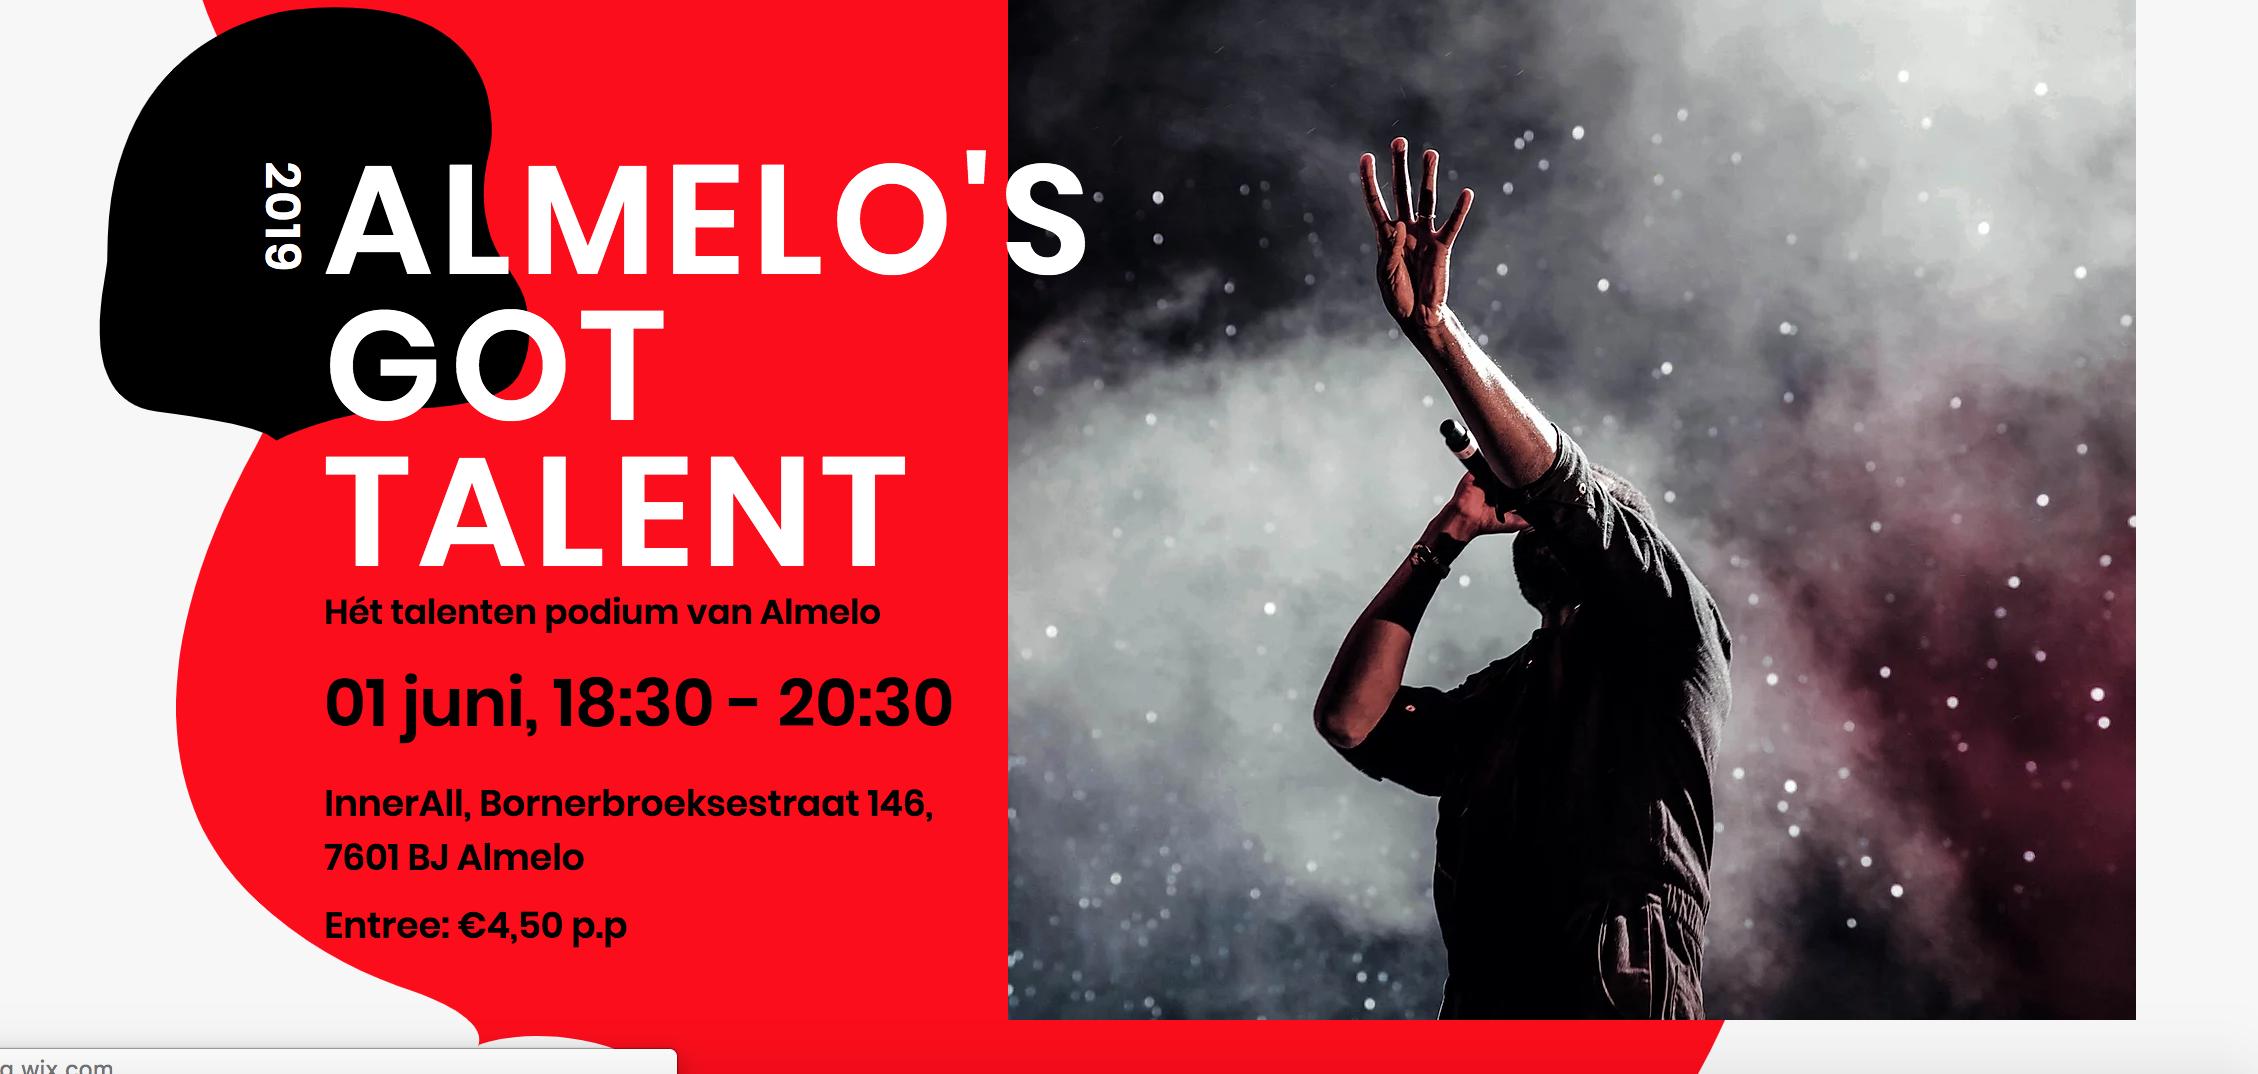 Almelo's Got Talent dit jaar voor iedereen